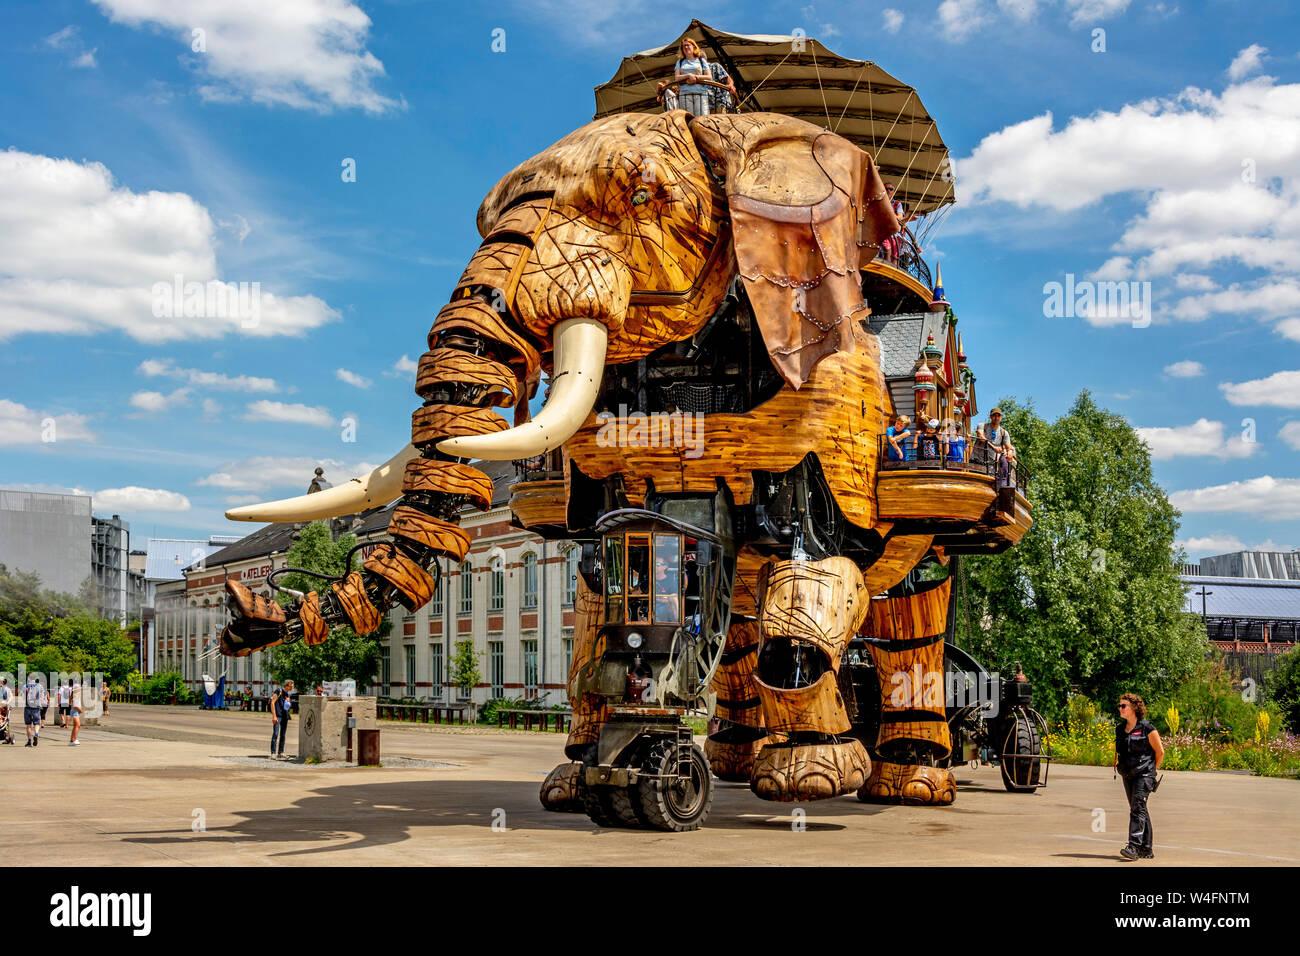 Nantes, the Great Elephant at Les Machines de l'île, created by François Delarozière and Pierre Orefice, ile de Nantes, Loire atlantique . France Stock Photo